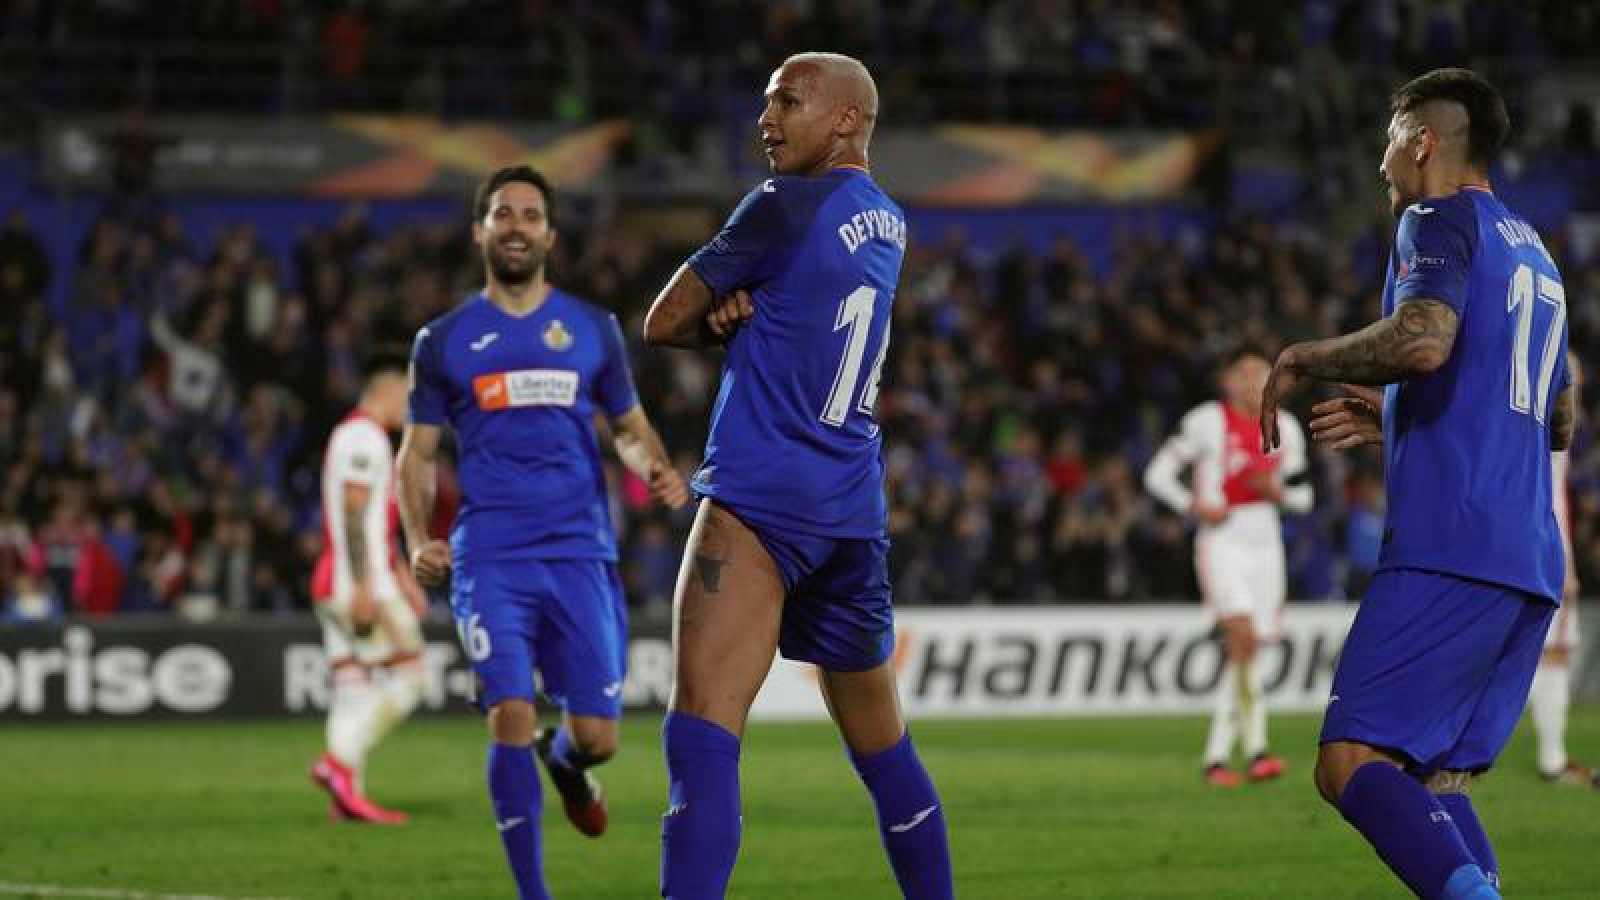 El delantero brasileño del Getafe, Deyverson celebra tras marcar el 1-0 ante el Ajax.